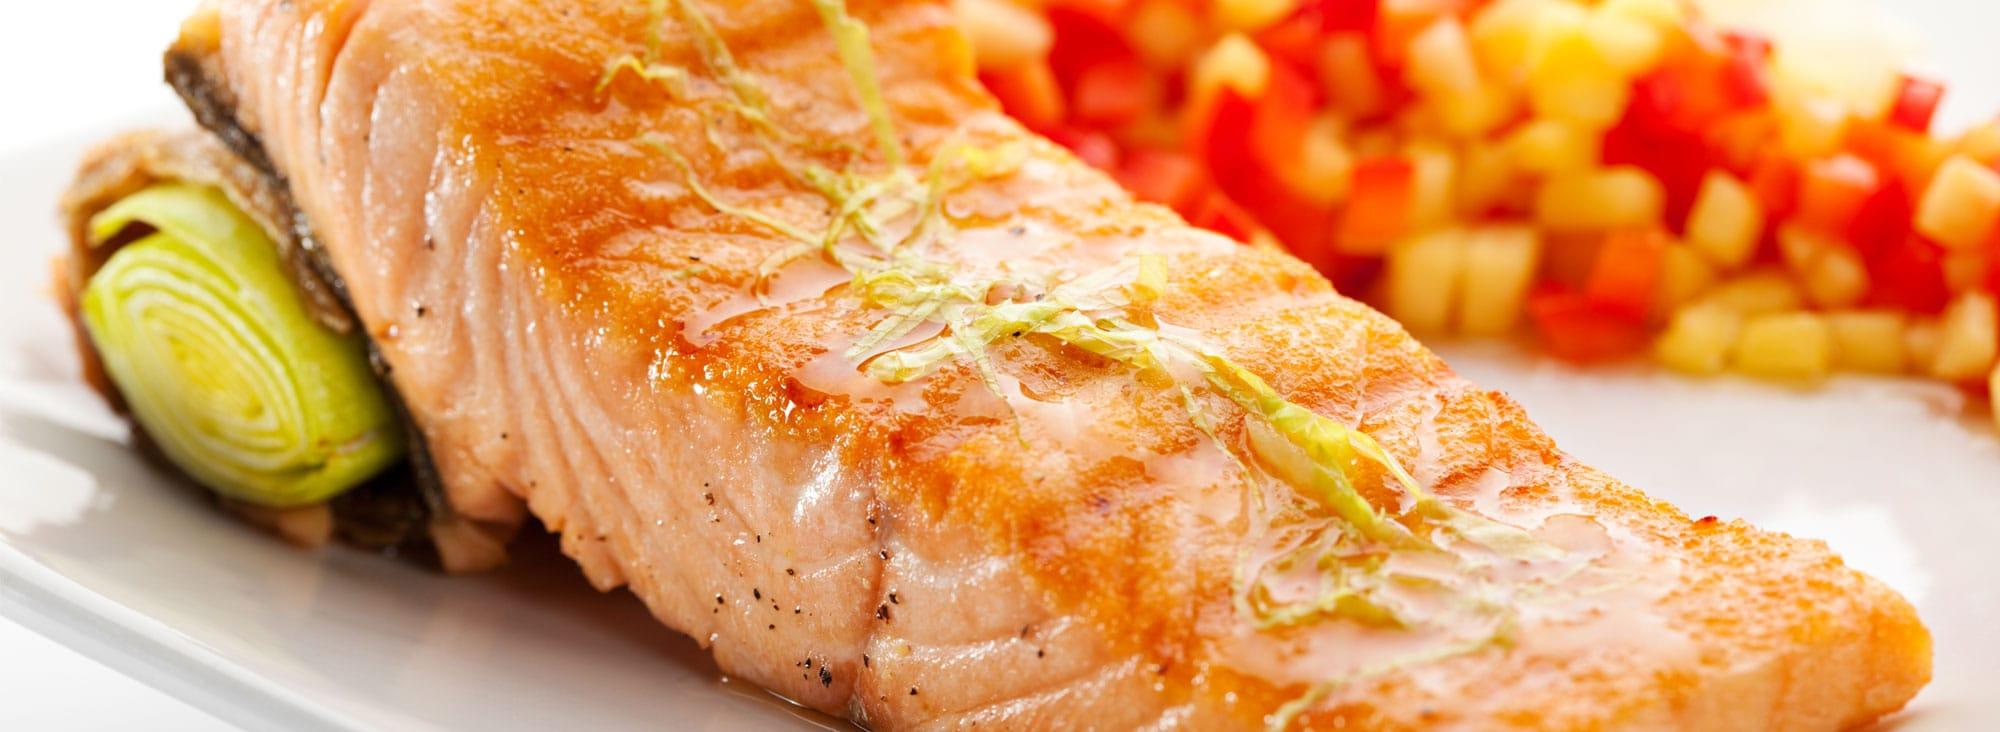 Cuisine et recettes traditionnelles misano vacanze - Recettes cuisine alsacienne traditionnelle ...